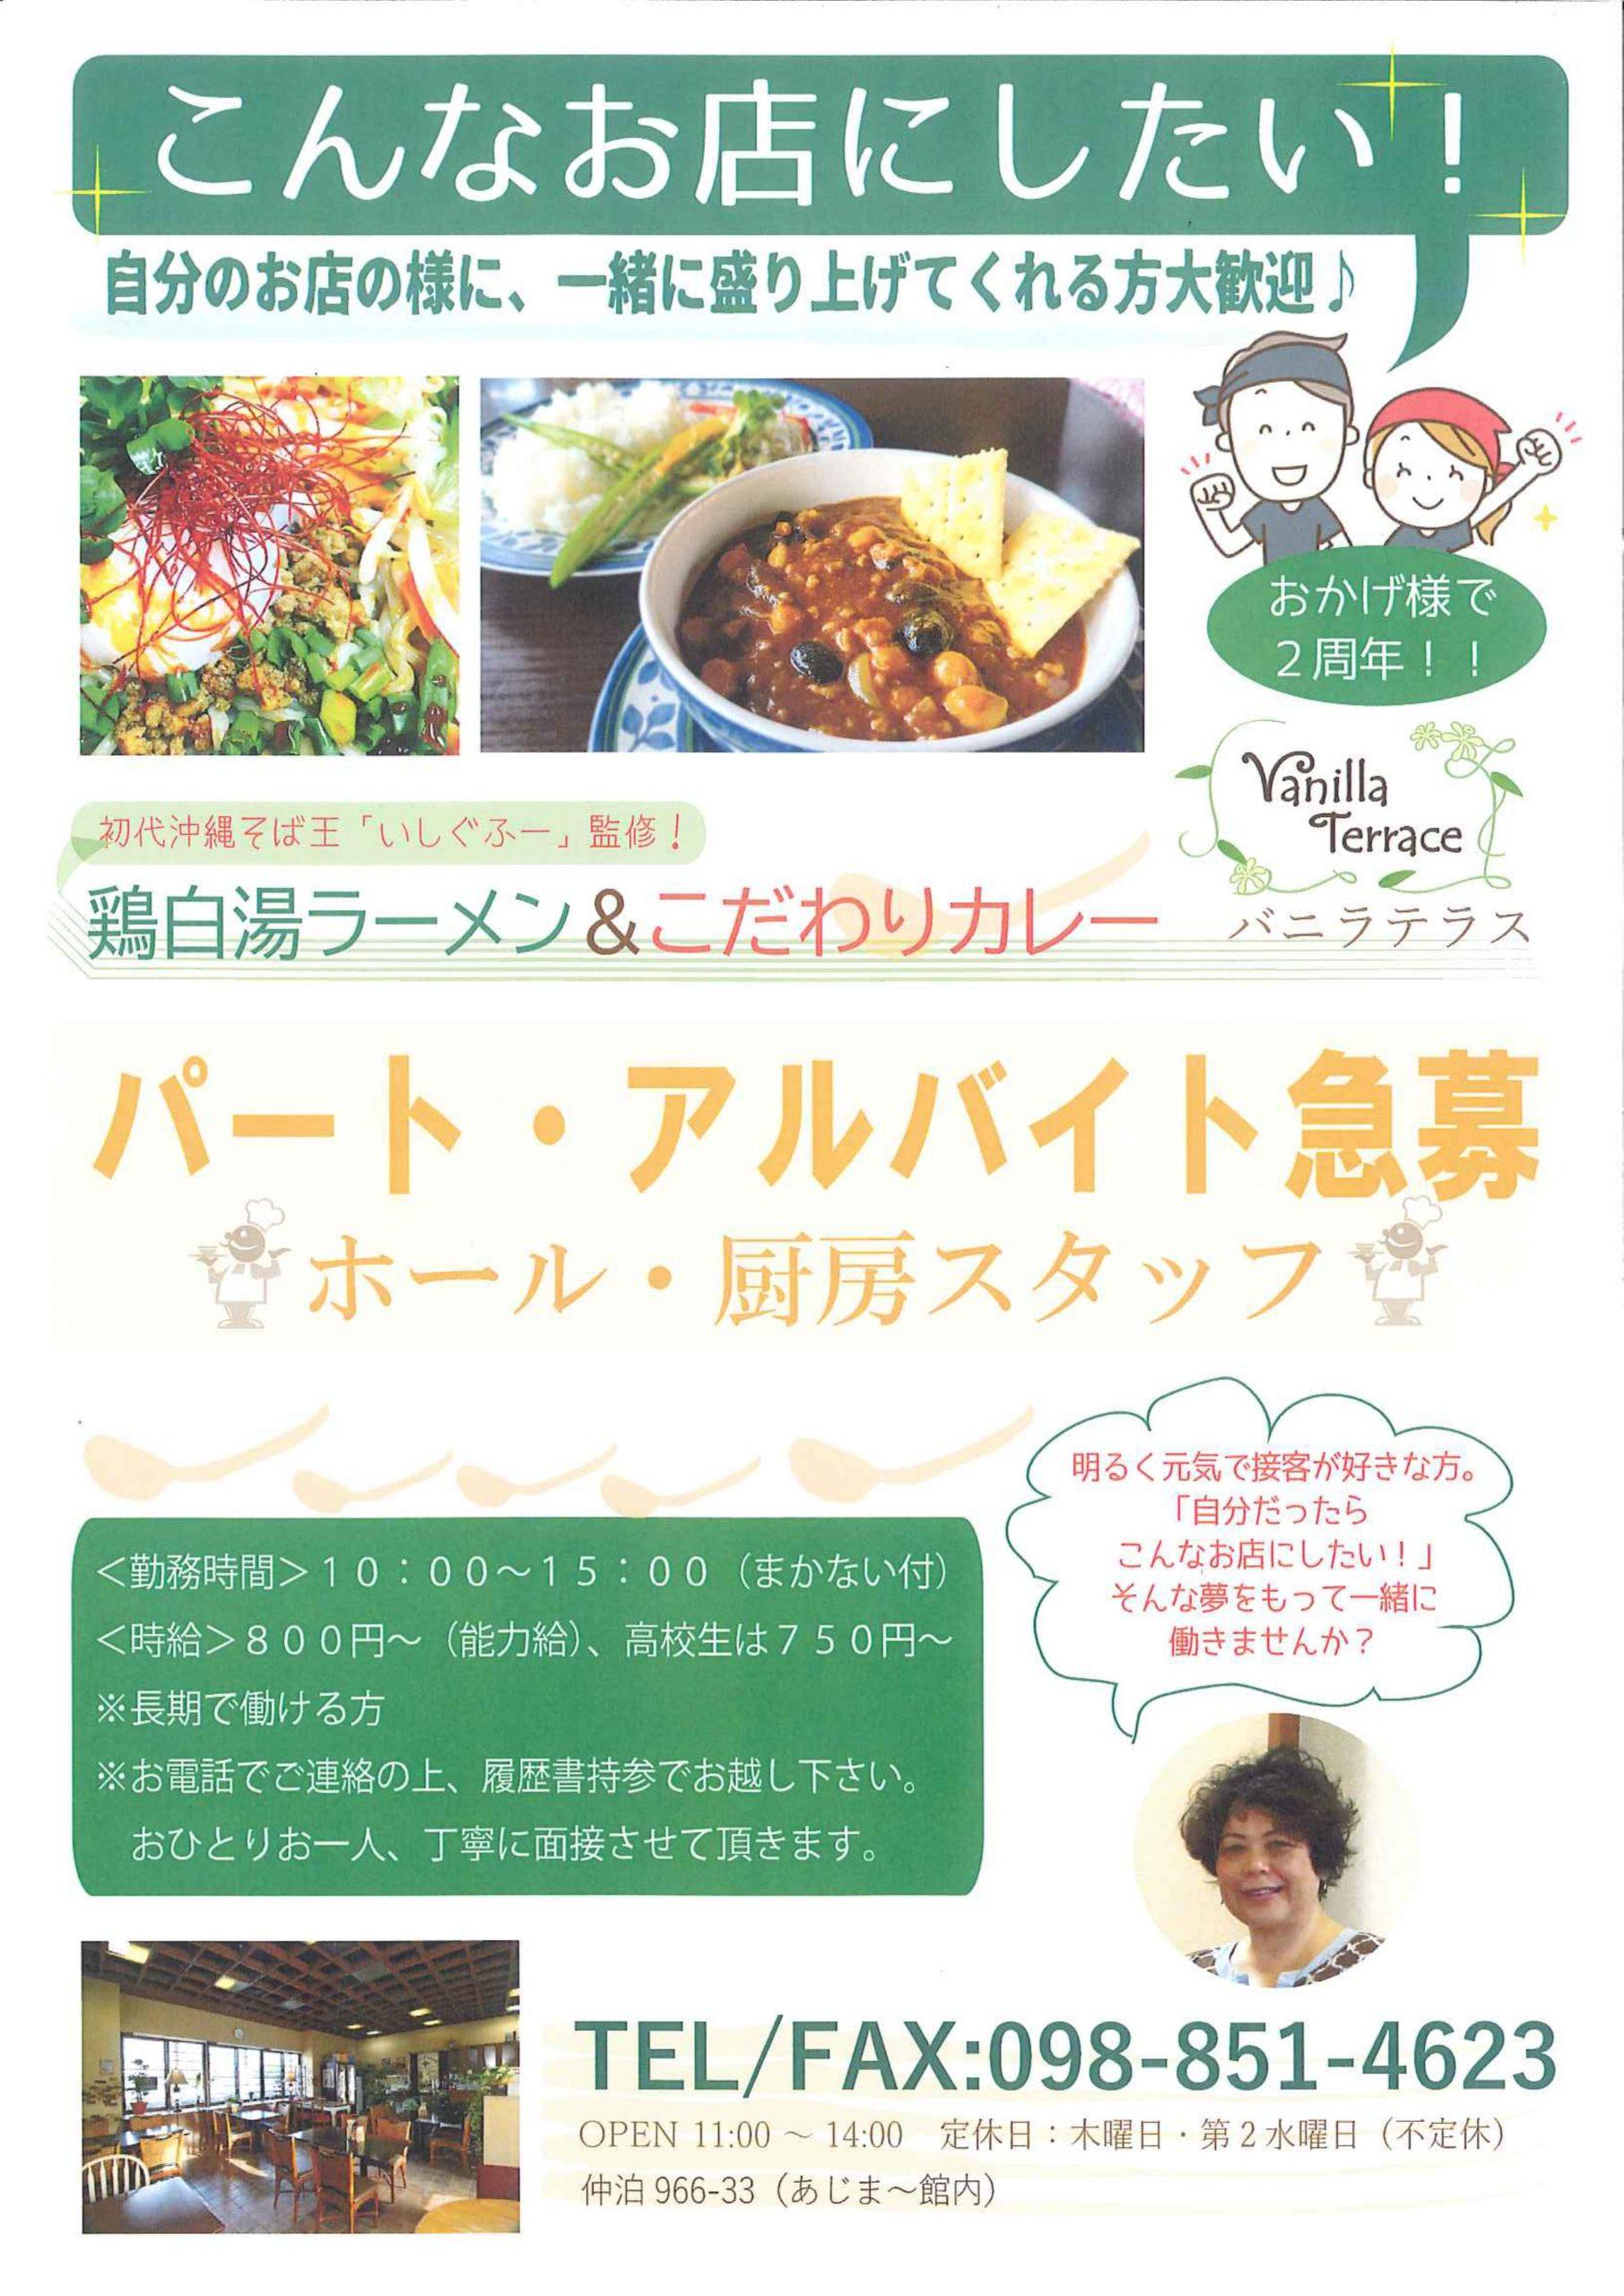 パート・アルバイト急募 ホール・厨房スタッフ/バニラテラス